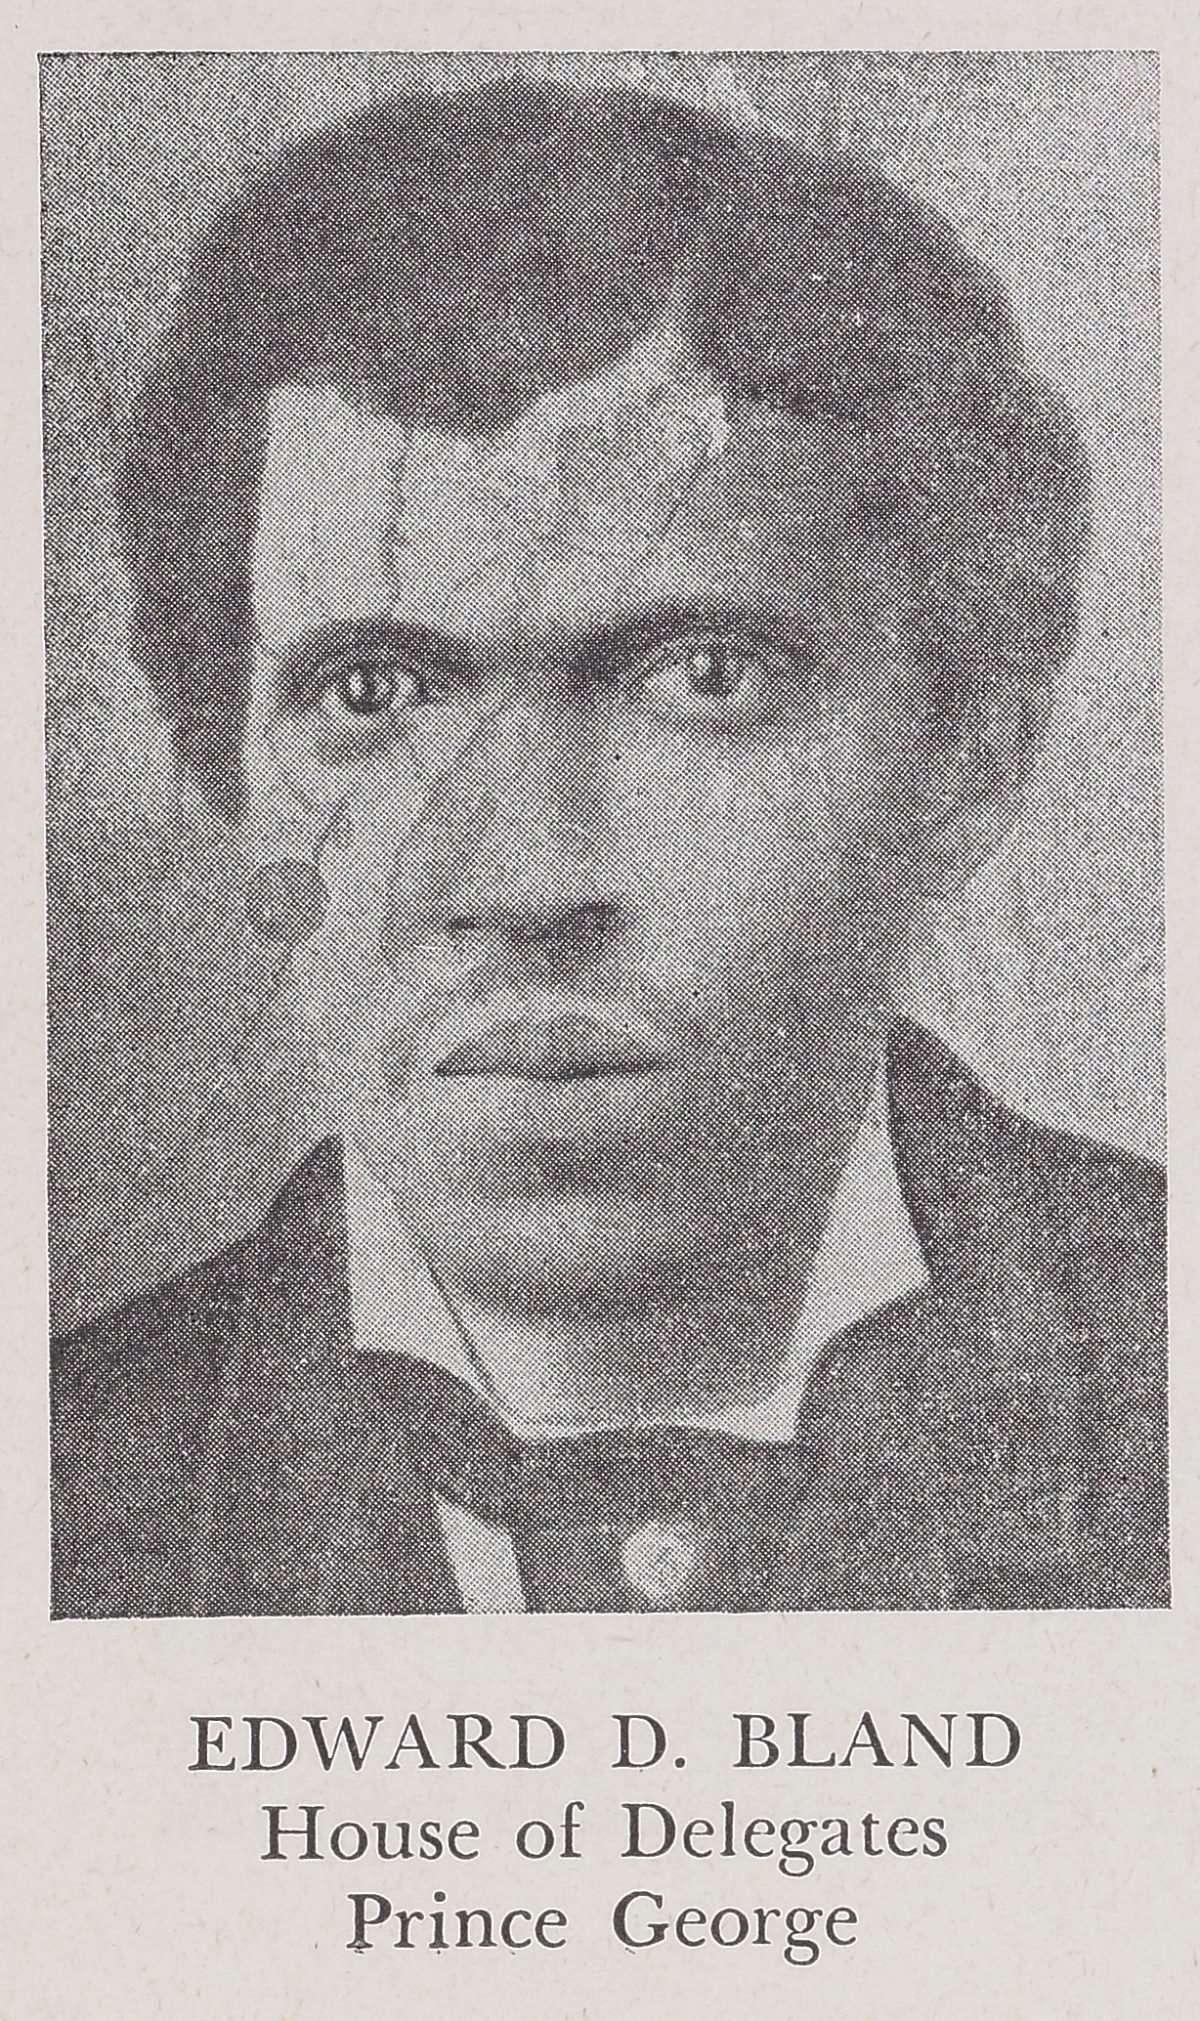 Edward D. Bland